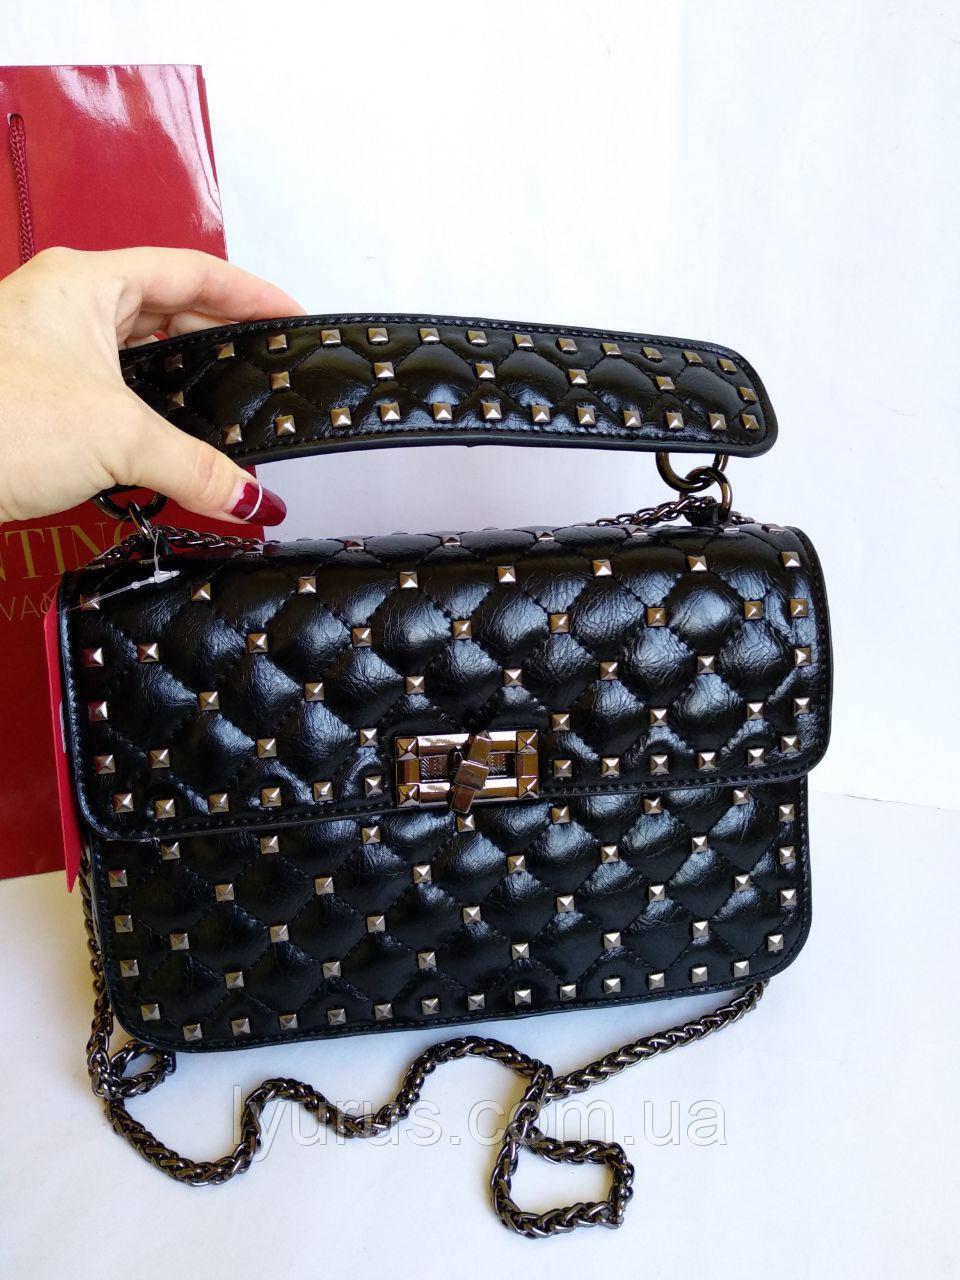 Женская сумка Valentino